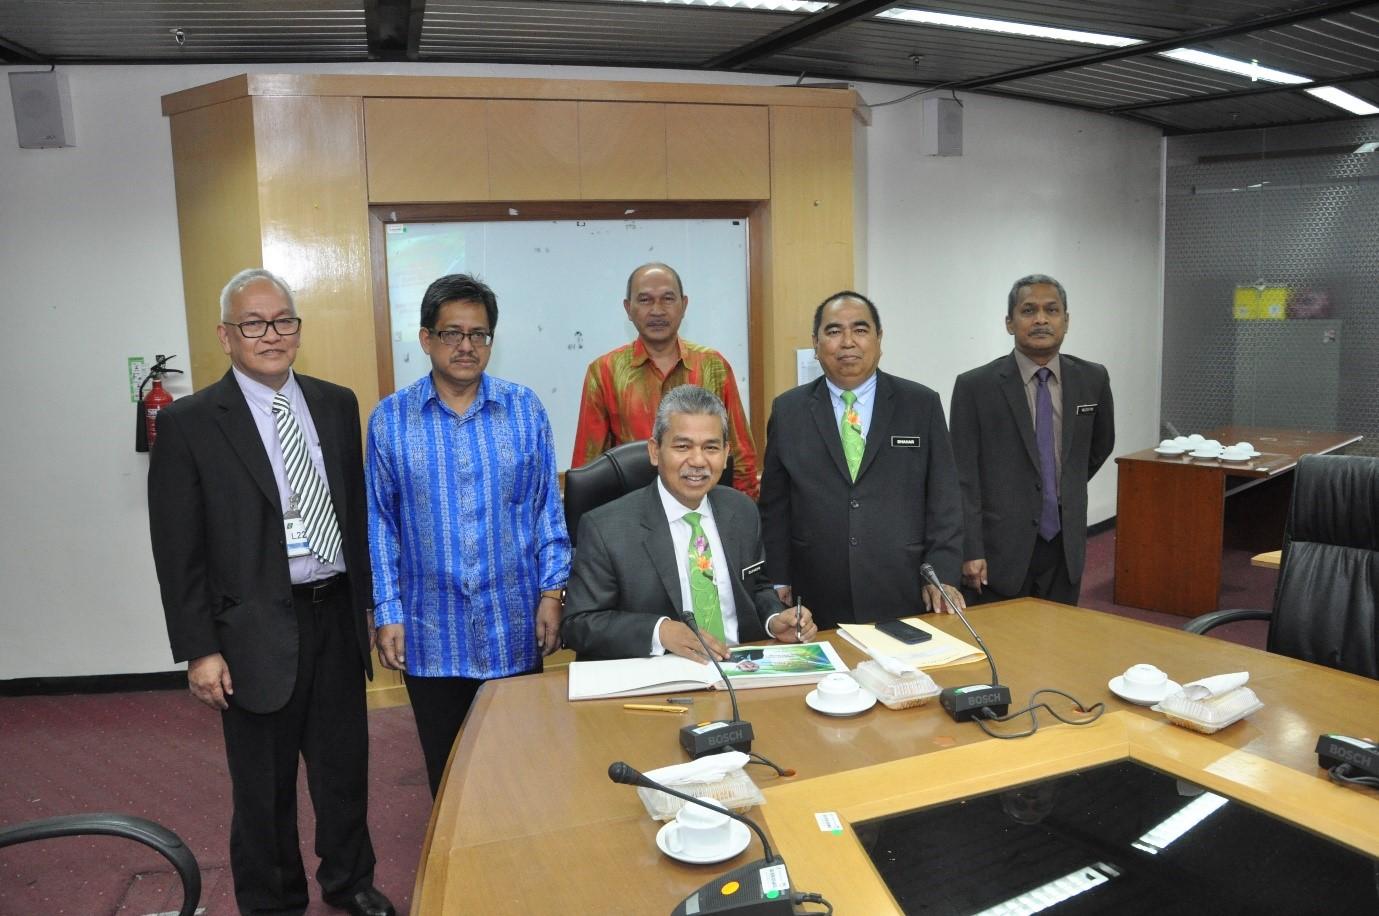 Lawatan Kerja TKSU Sumber Asli ke Ibu Pejabat JMG